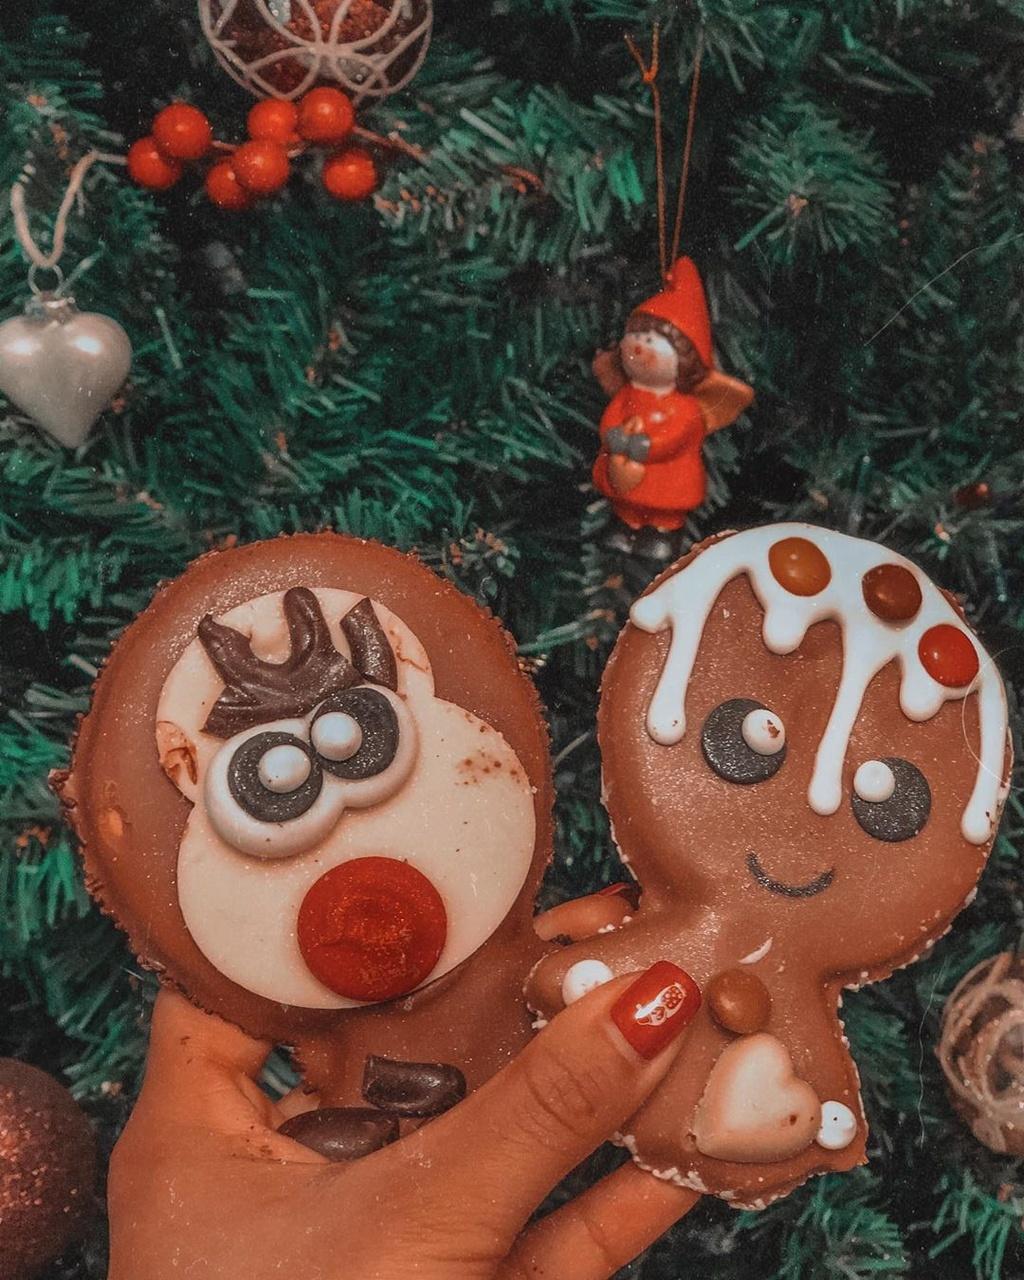 Món quà tặng phổ biến nhất vào ngày 14/2 tại nước Đức là những món quà gắn với những ký hiệu tình yêu cùng lời chúc Valentine yêu thương. Ngoài những cây kẹo mút có khắc dòng chữ ngọt ngào, các cặp đôi ở Đức cũng sẽ tặng nhau món bánh quy gừng có phủ bên trên thông điệp tình yêu. Ảnh: Aboutcarolina__.